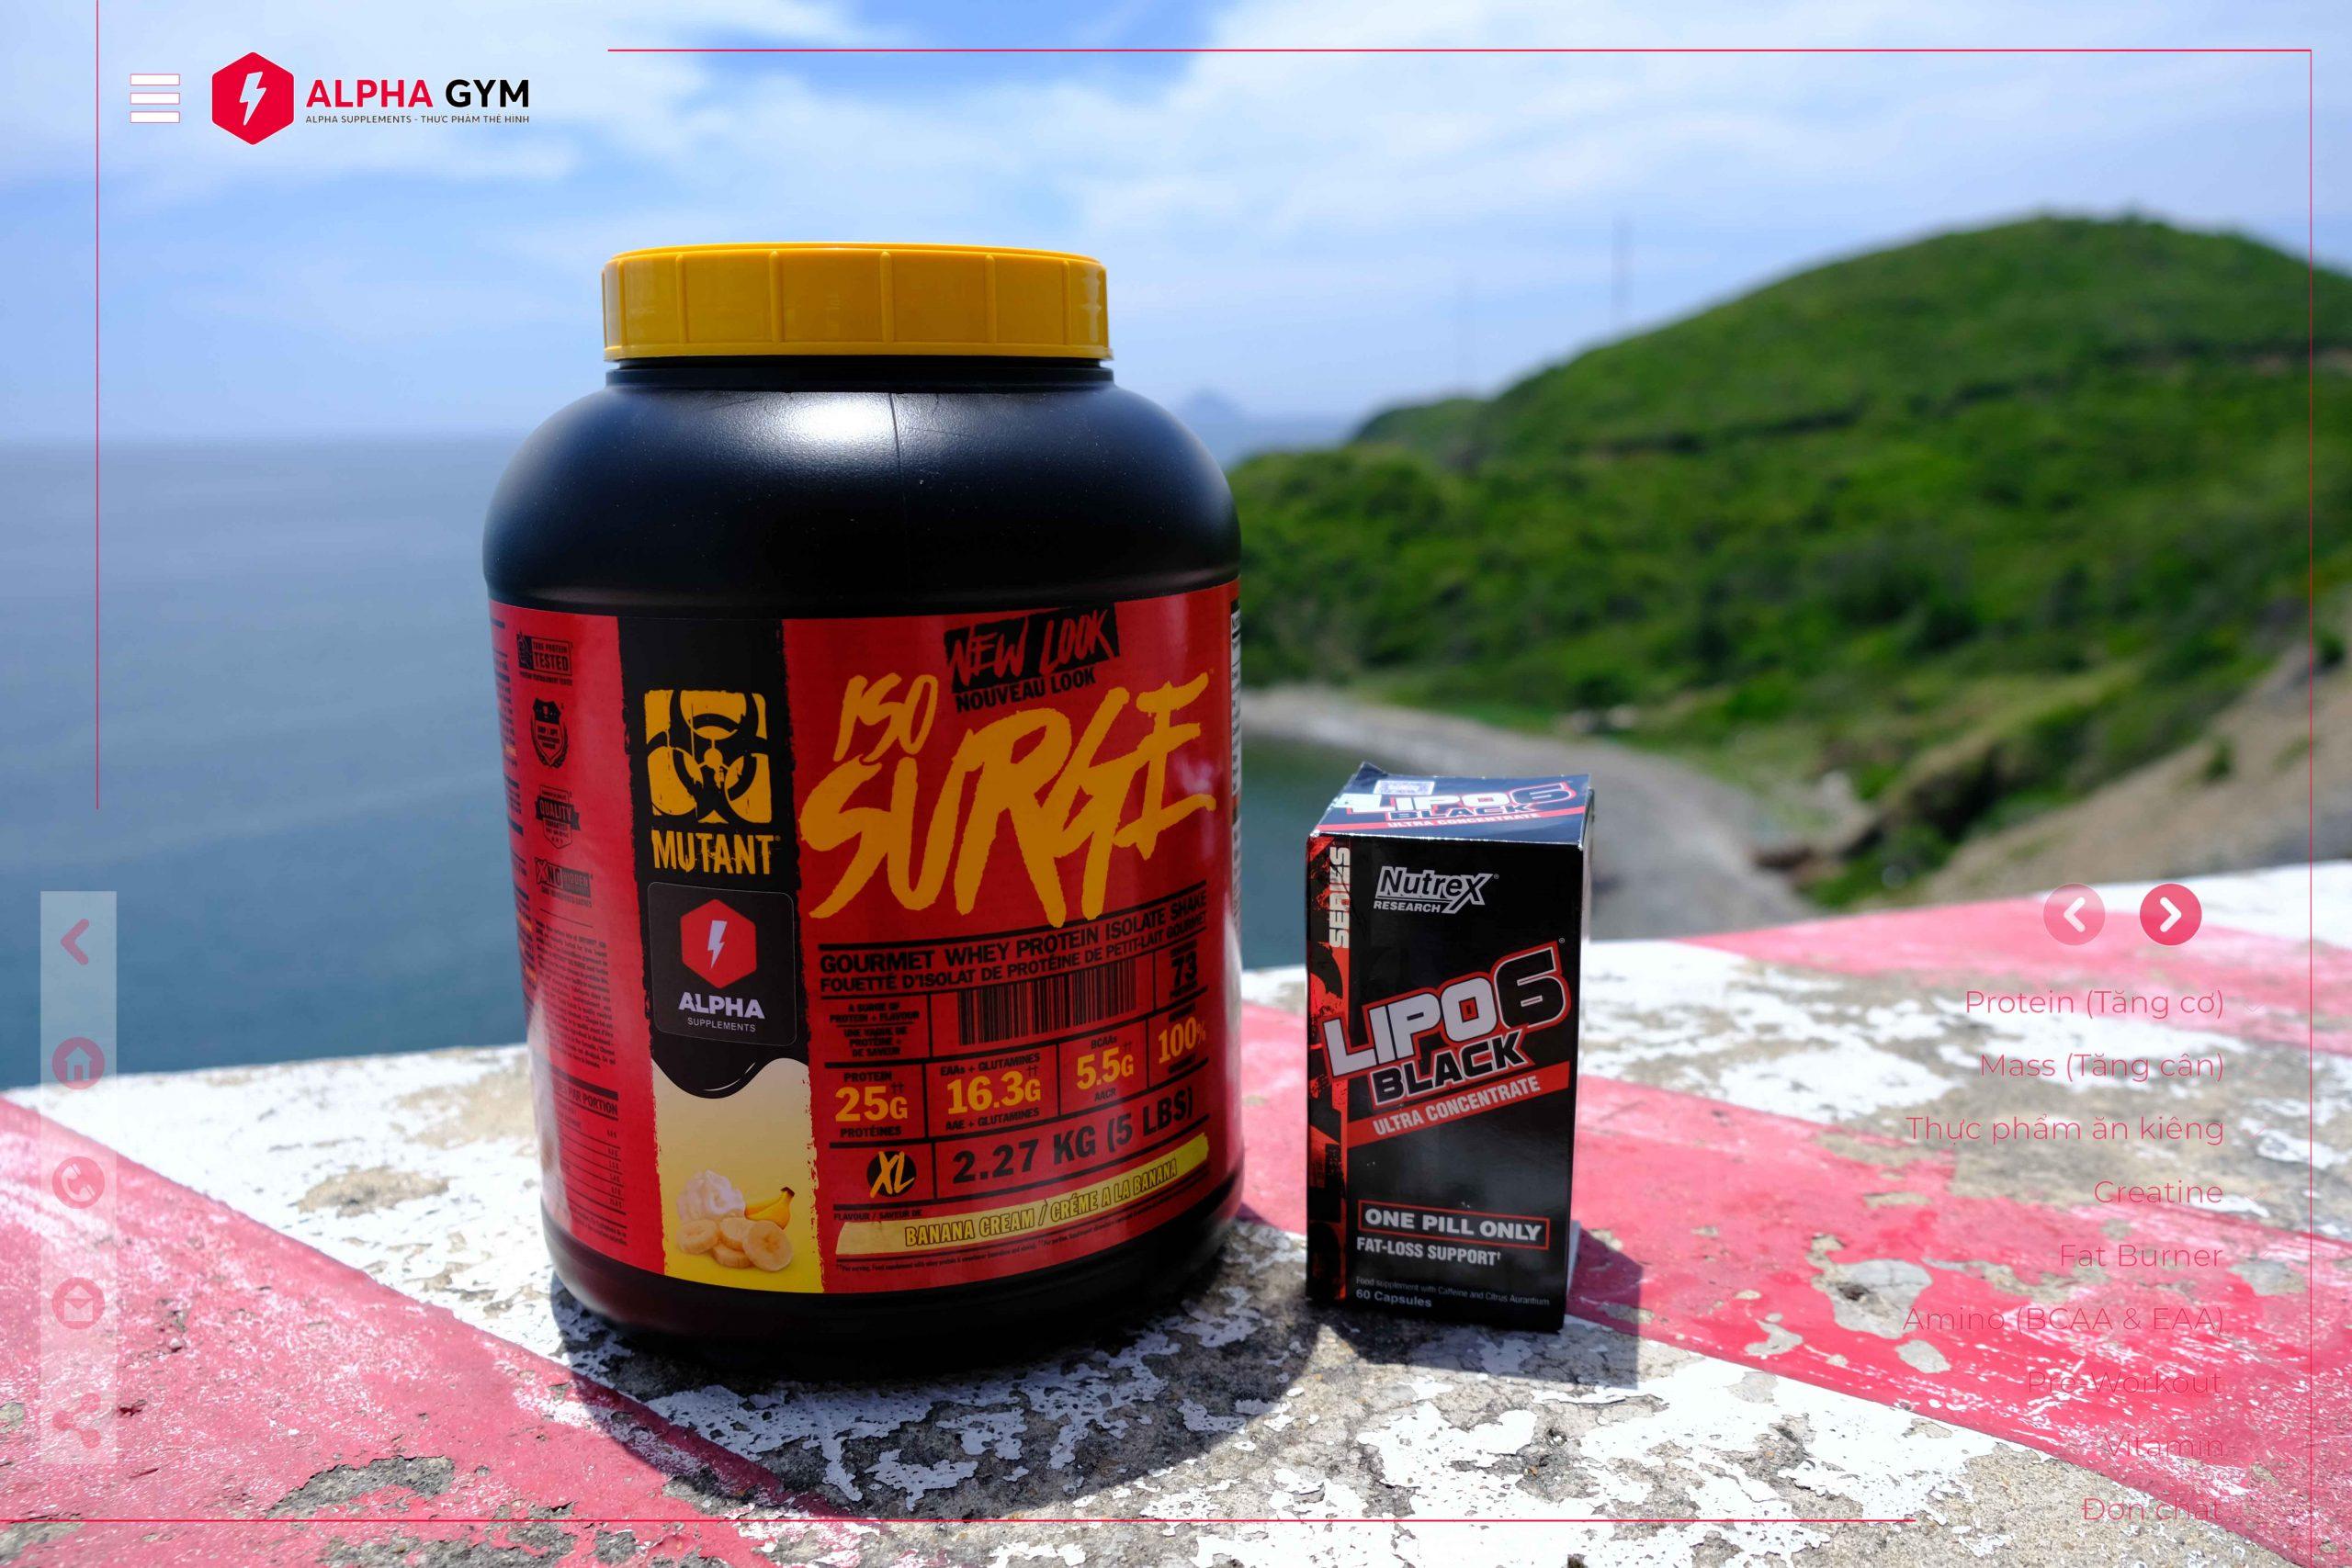 Mutant ISO Surge 5 Lbs (76 Servings)- Thực phẩm thể hình Nha Trang